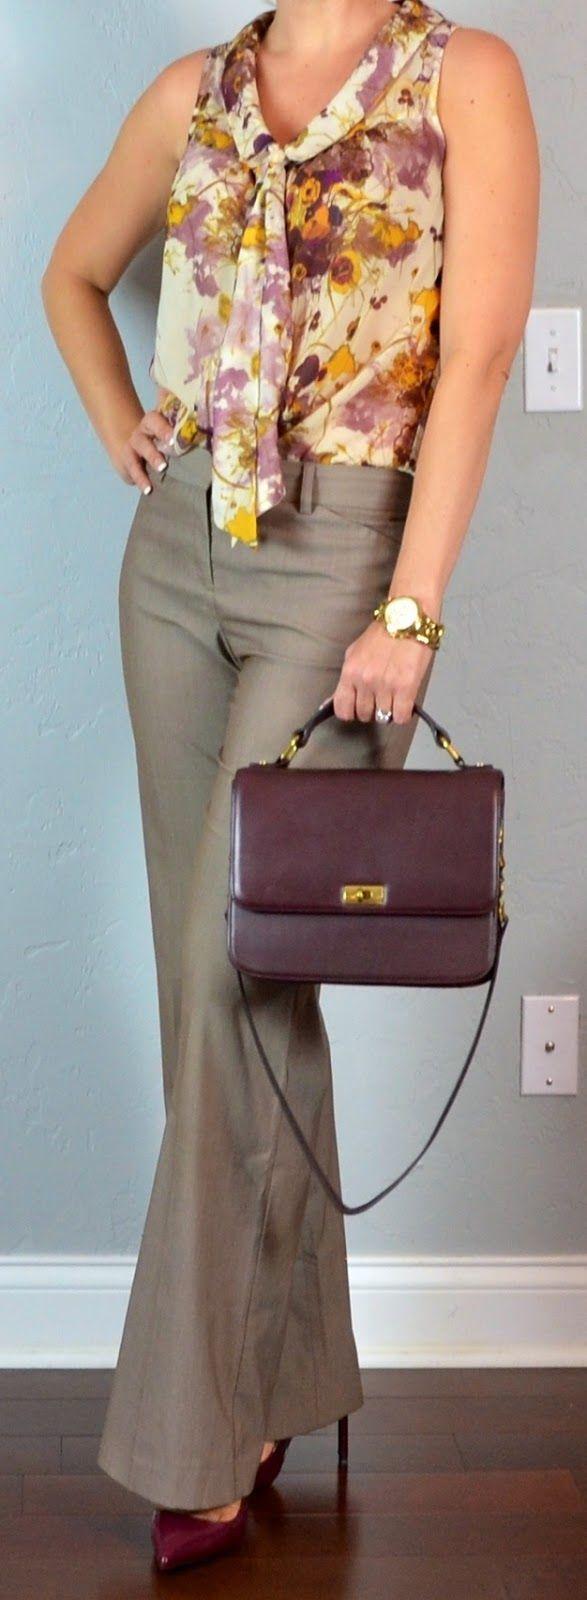 Hoy quiero aprovechar para compartir con todas nuestras lectoras amantes de la moda y de crear los mejores outfits para su día a día, una galería increible en donde te muestro diferentes estilos de blusas para crear outfits formales.